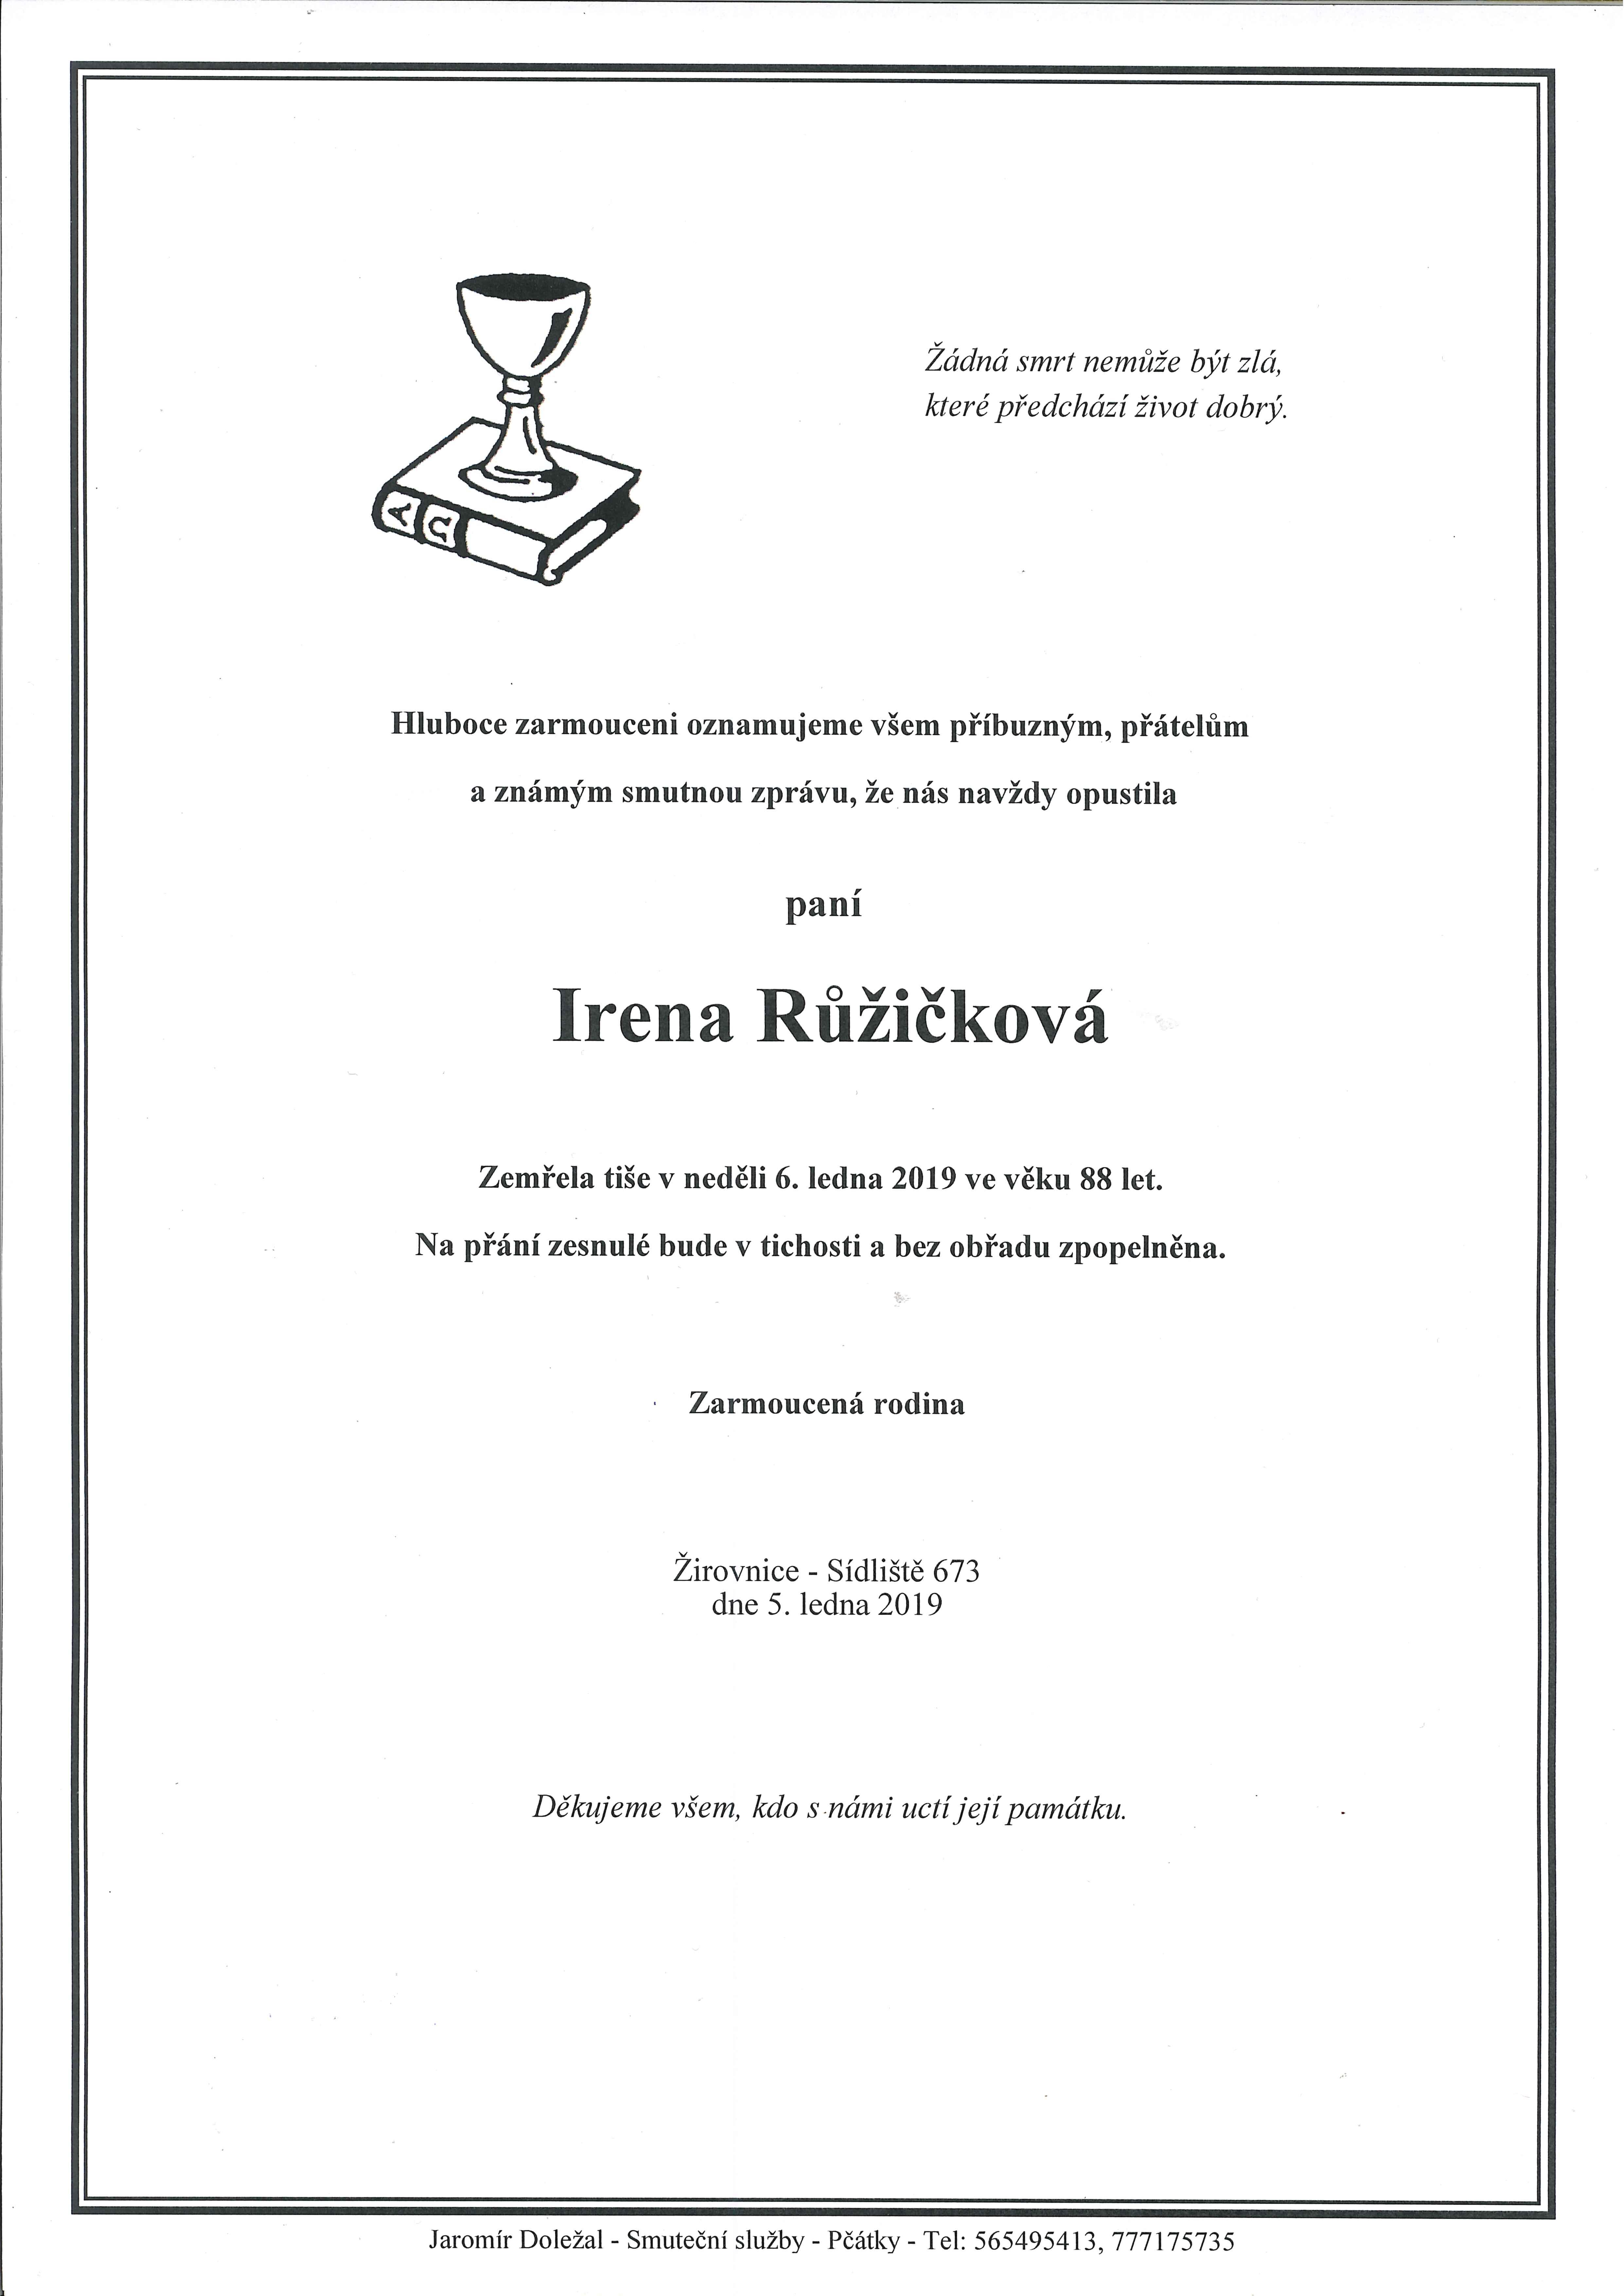 Irena Růžičková